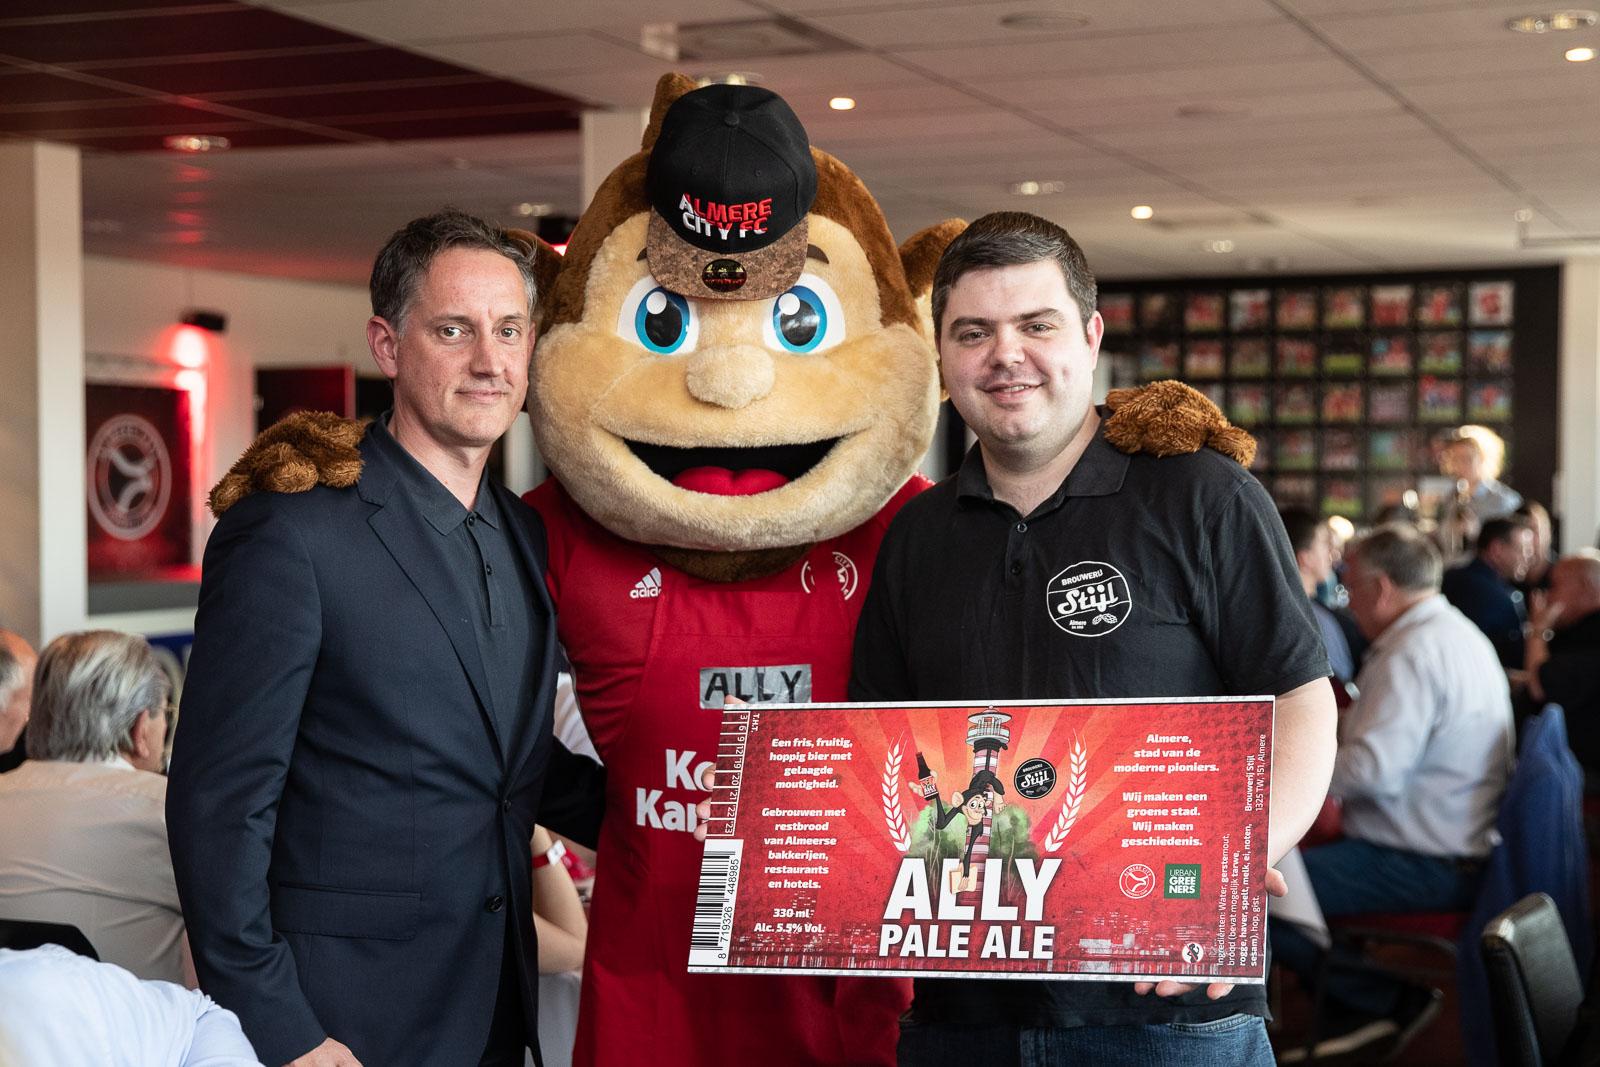 Ally Pale Ale uitgeschonken bij Almere Challenge Event